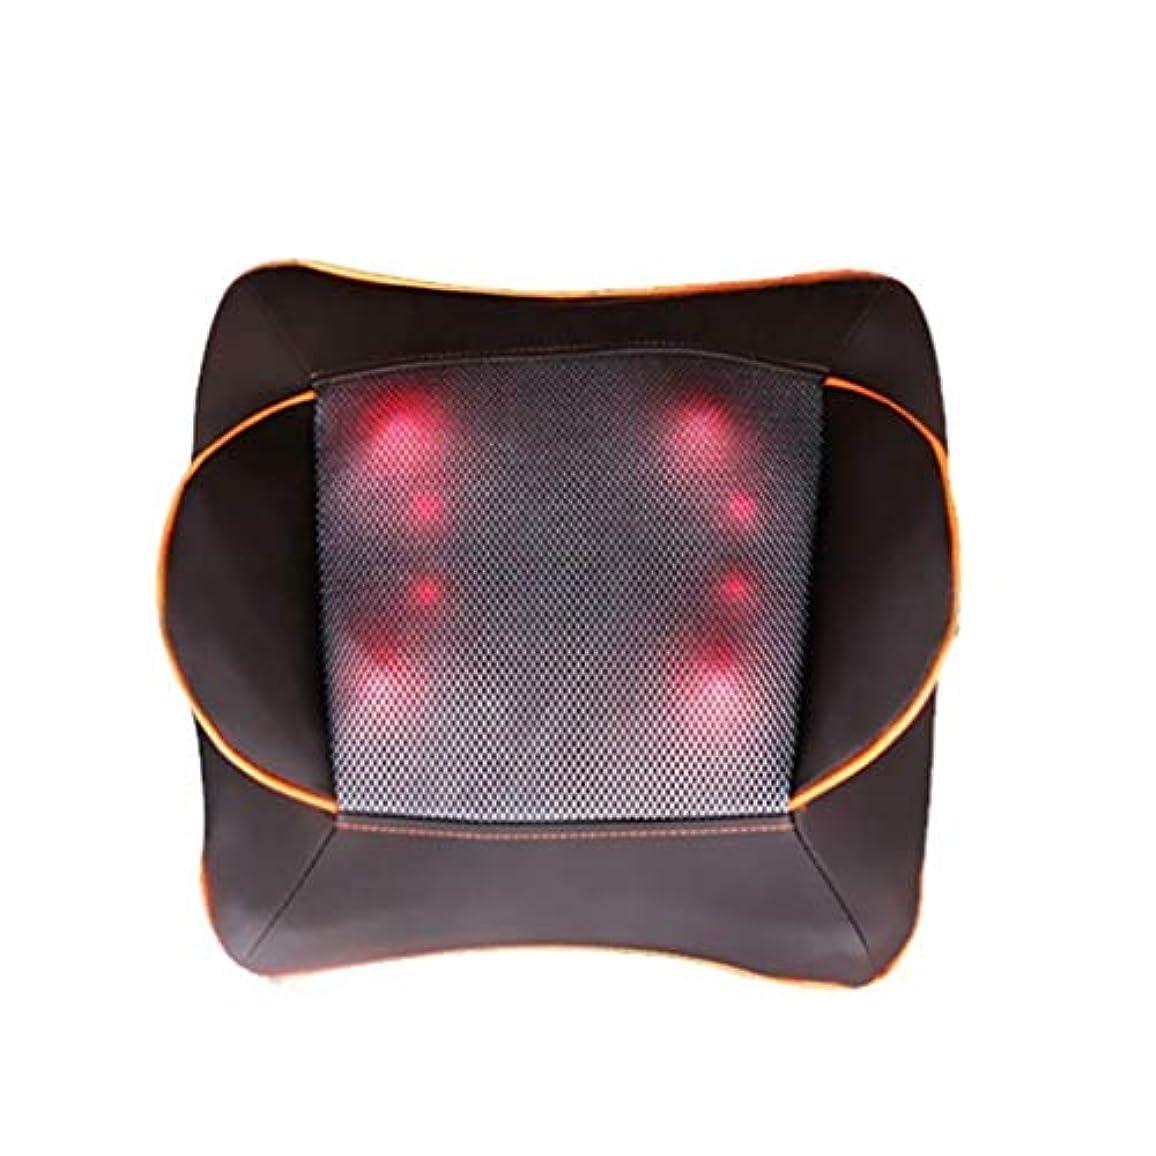 電動マッサージ枕、指圧マッサージ首マッサージ-マッサージ枕、ホットショルダー、ウエスト、脚、足を混練-ホームオフィスや車で使用して筋肉痛を和らげます